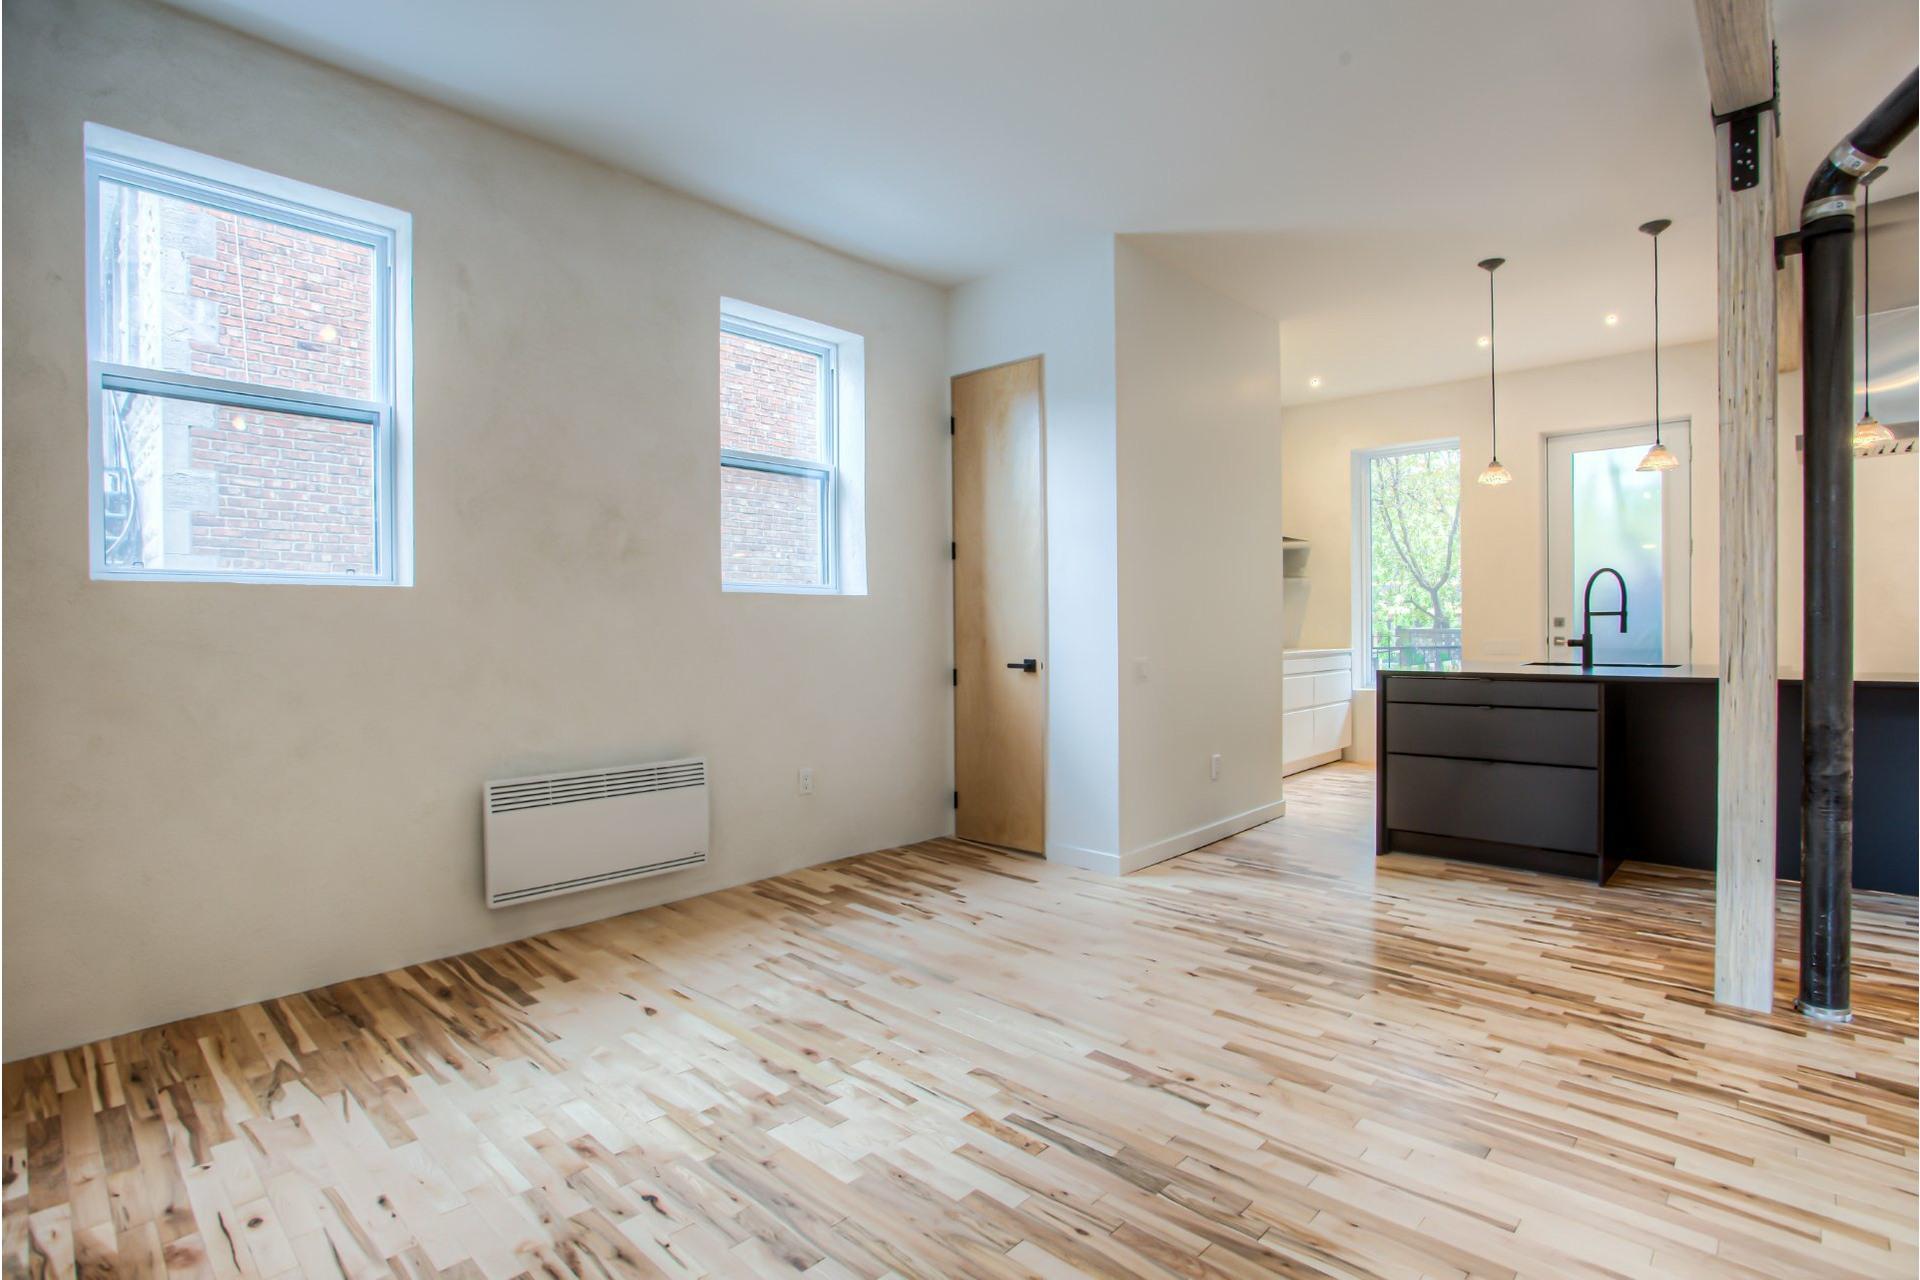 image 13 - Duplex À vendre Mercier/Hochelaga-Maisonneuve Montréal  - 4 pièces